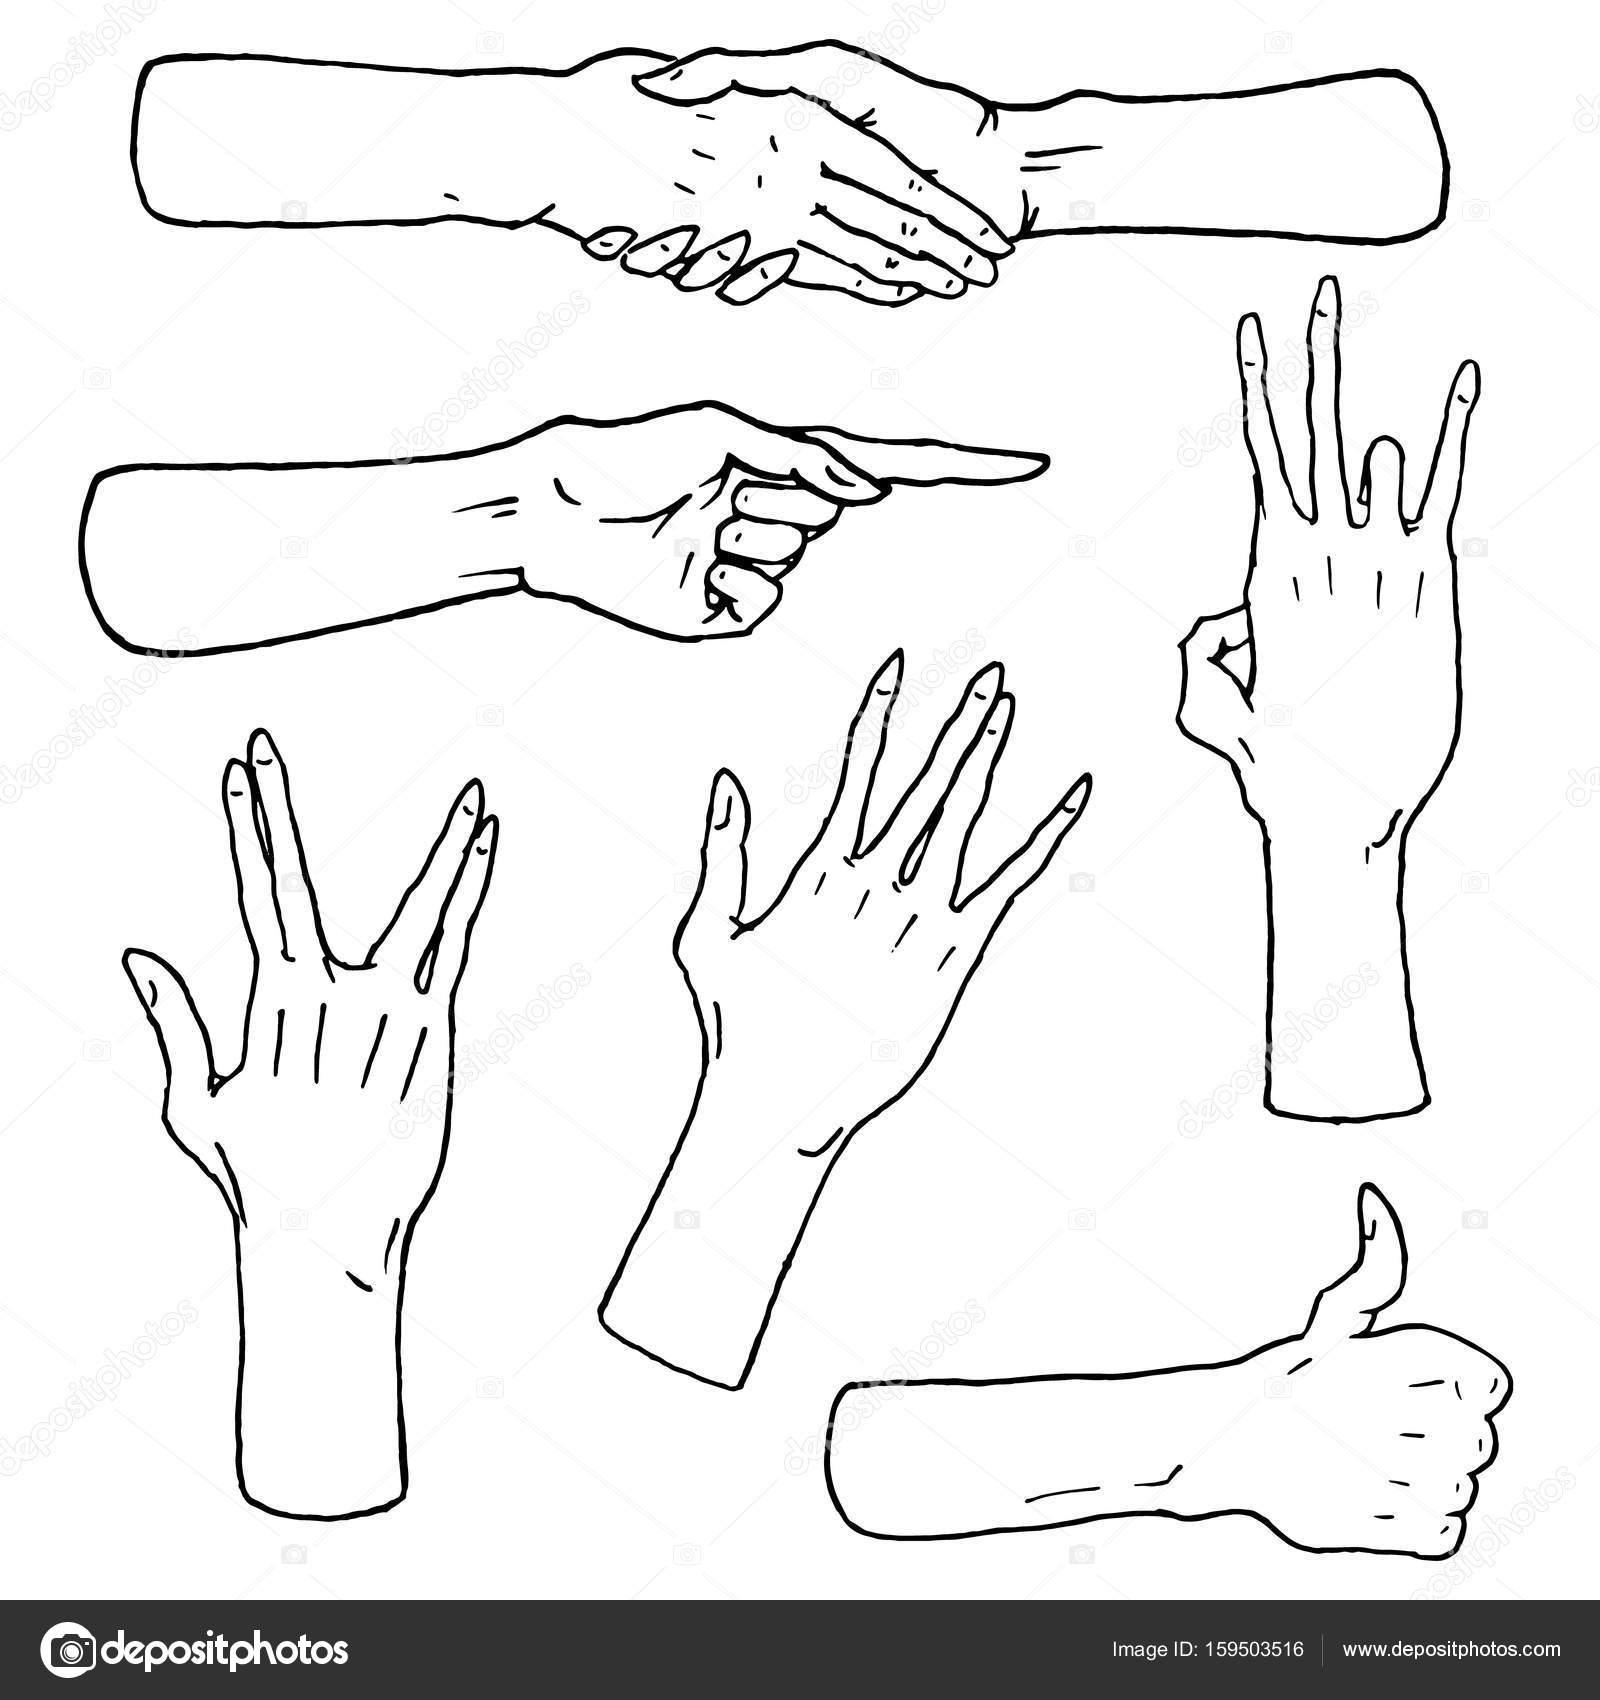 Gestos parada brazos, Palma, pulgar arriba, puntero de dedo, ok ...